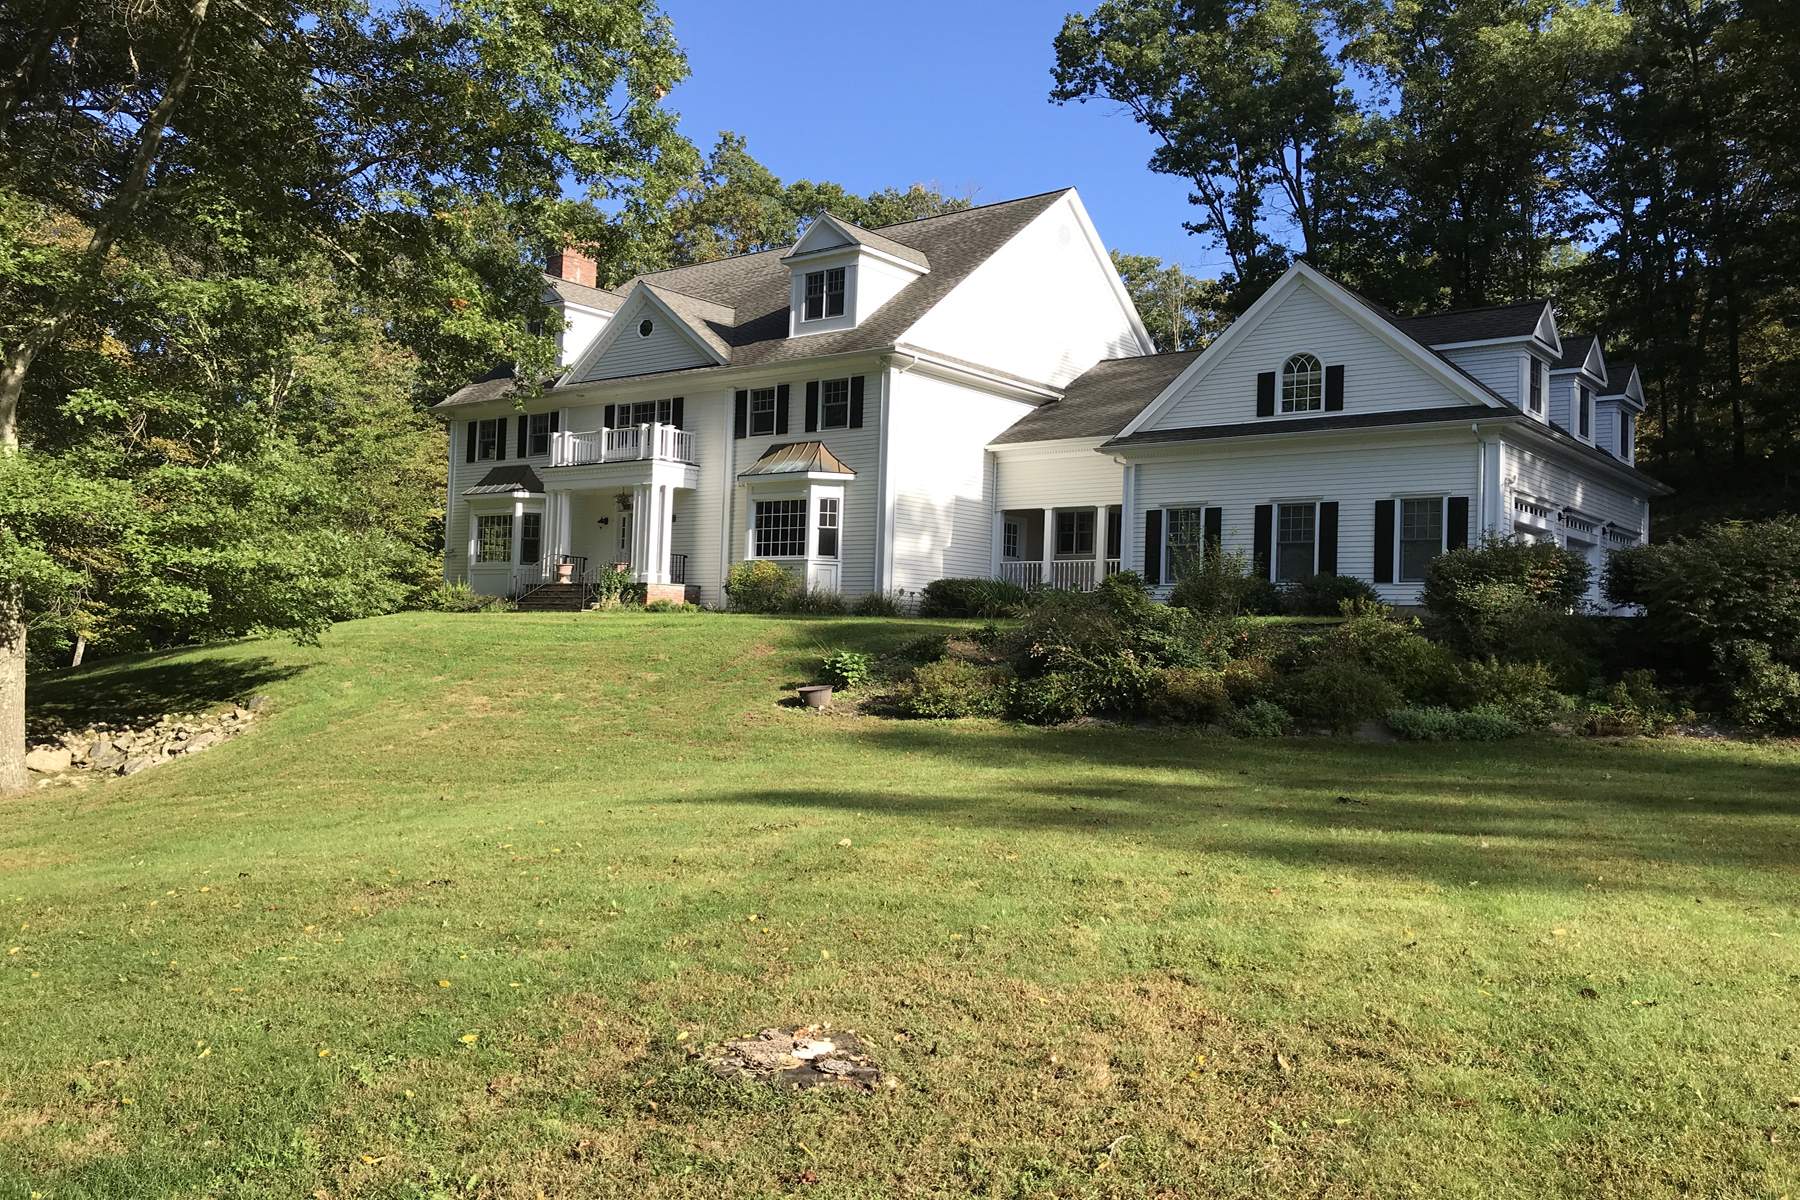 Частный односемейный дом для того Продажа на The Perfect Family Home 487 Bedford Center Road Bedford, Нью-Йорк 10506 Соединенные Штаты